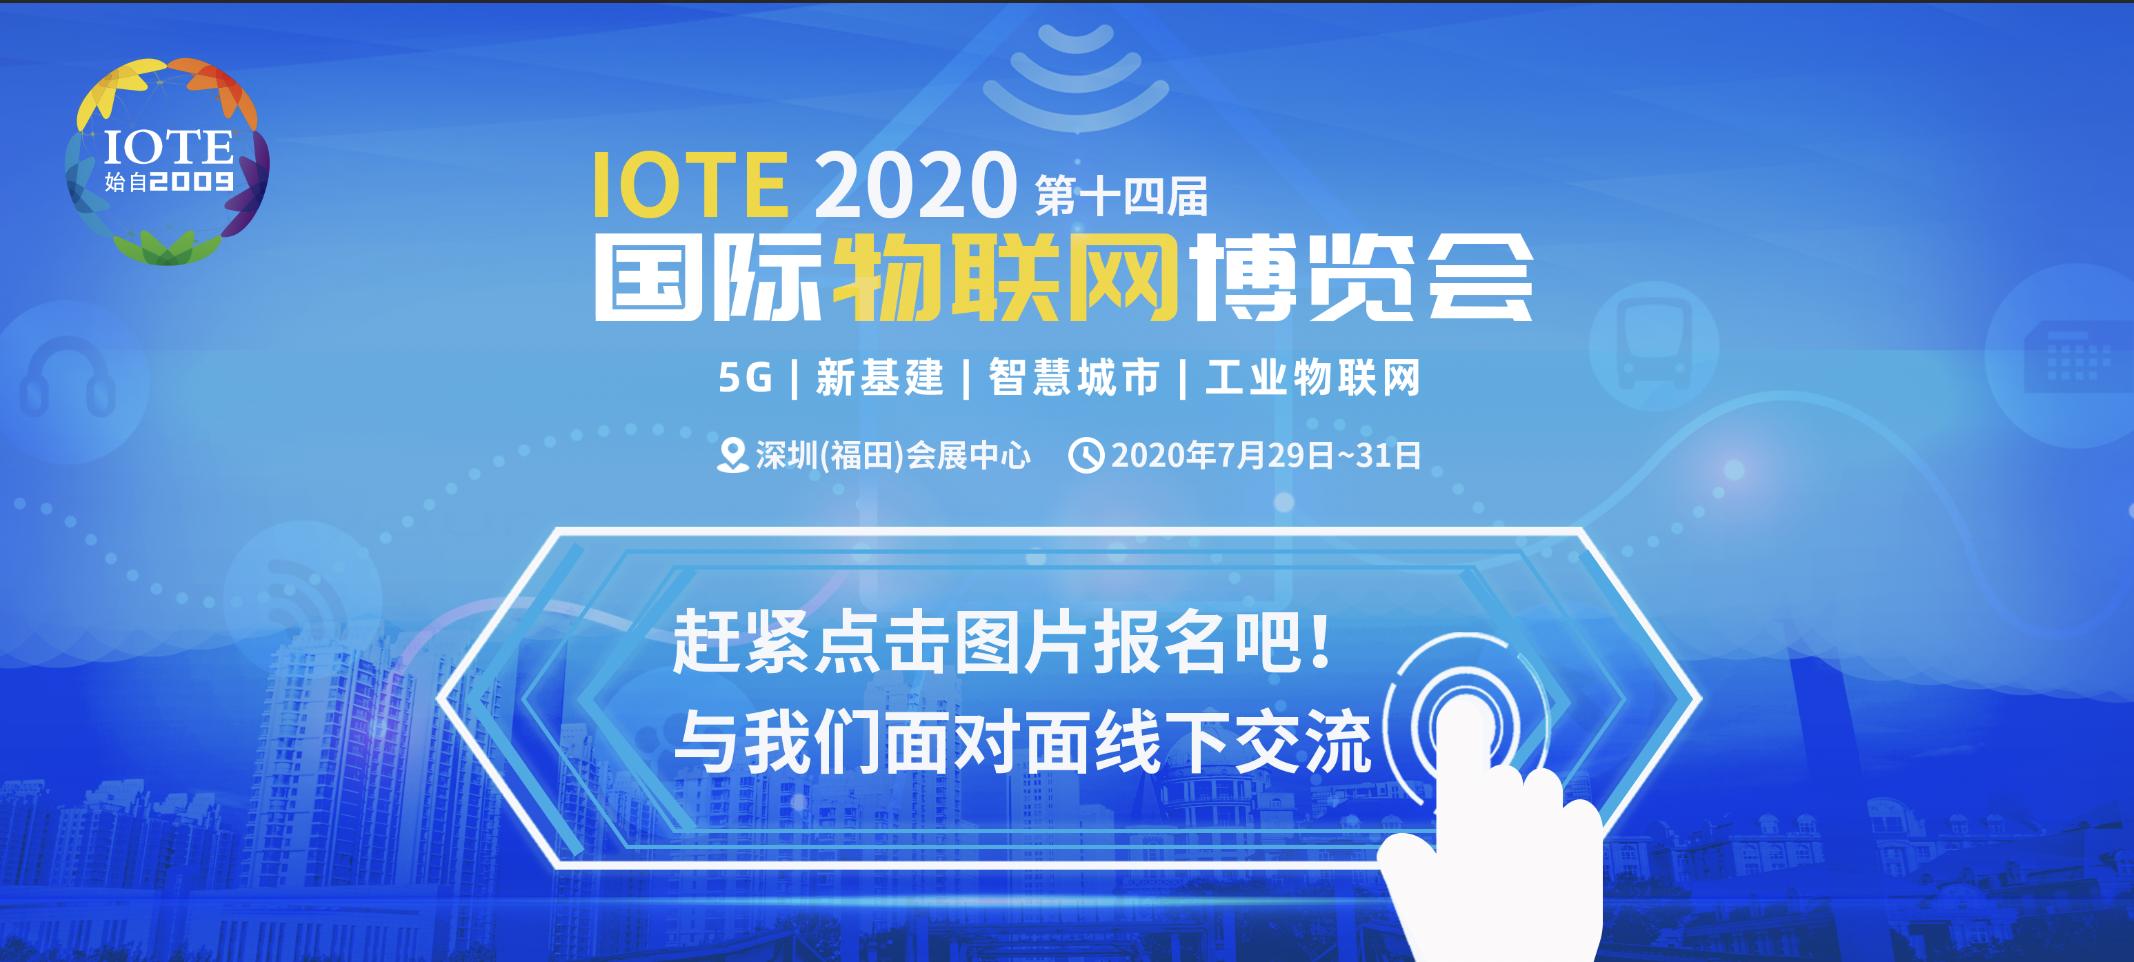 热转印超边距安全证卡打印机品牌,Goodcard即将精彩亮相IOTE2020深圳国际物联网展